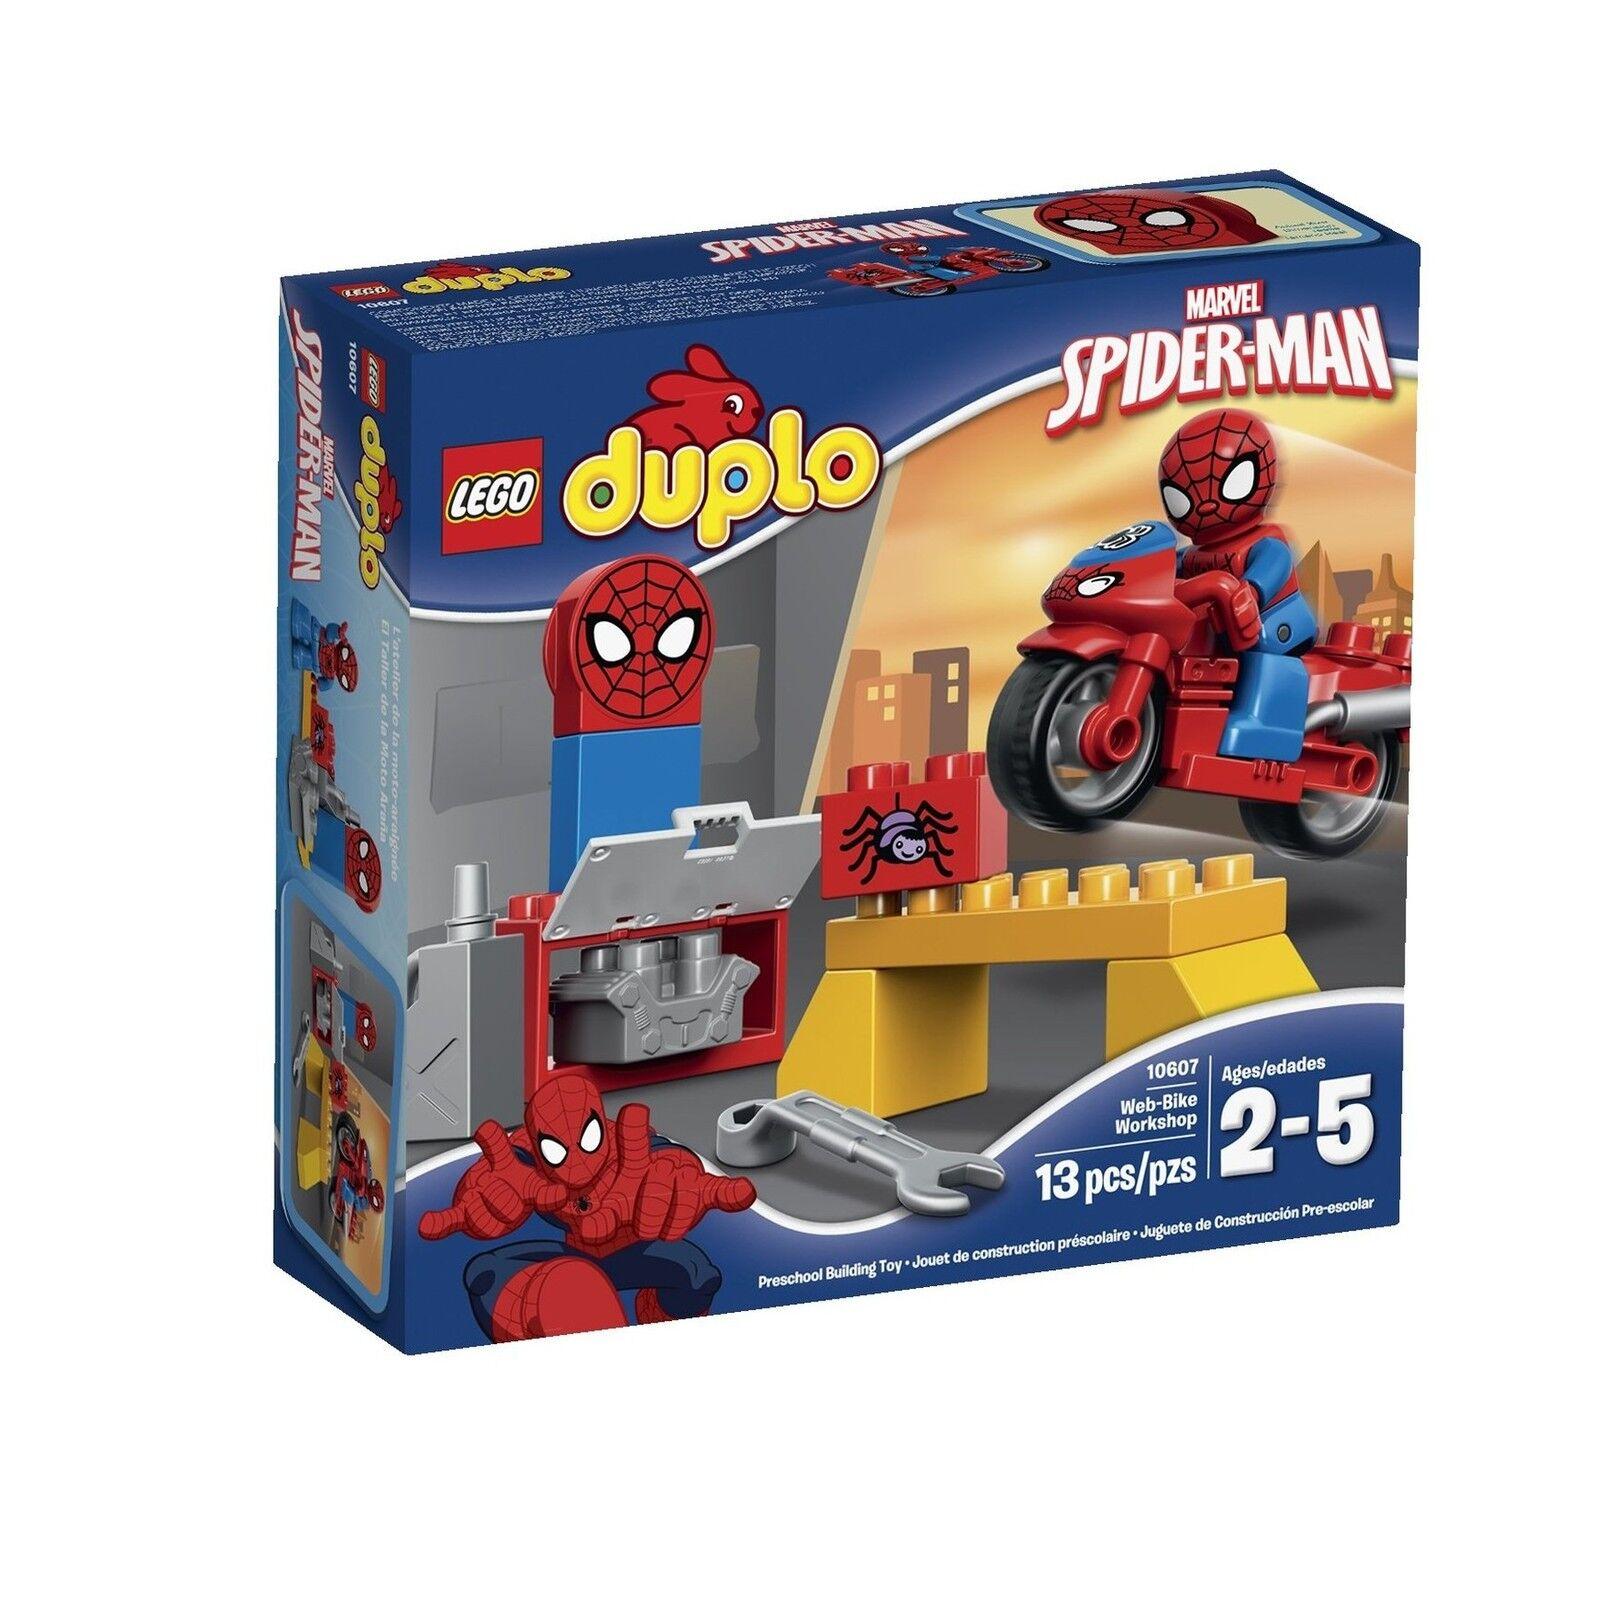 LEGO DUPLO 10607 Super Heroes Marvel Spider-Man Web-Bike Workshop Workshop Workshop Free Shipping 8394cf